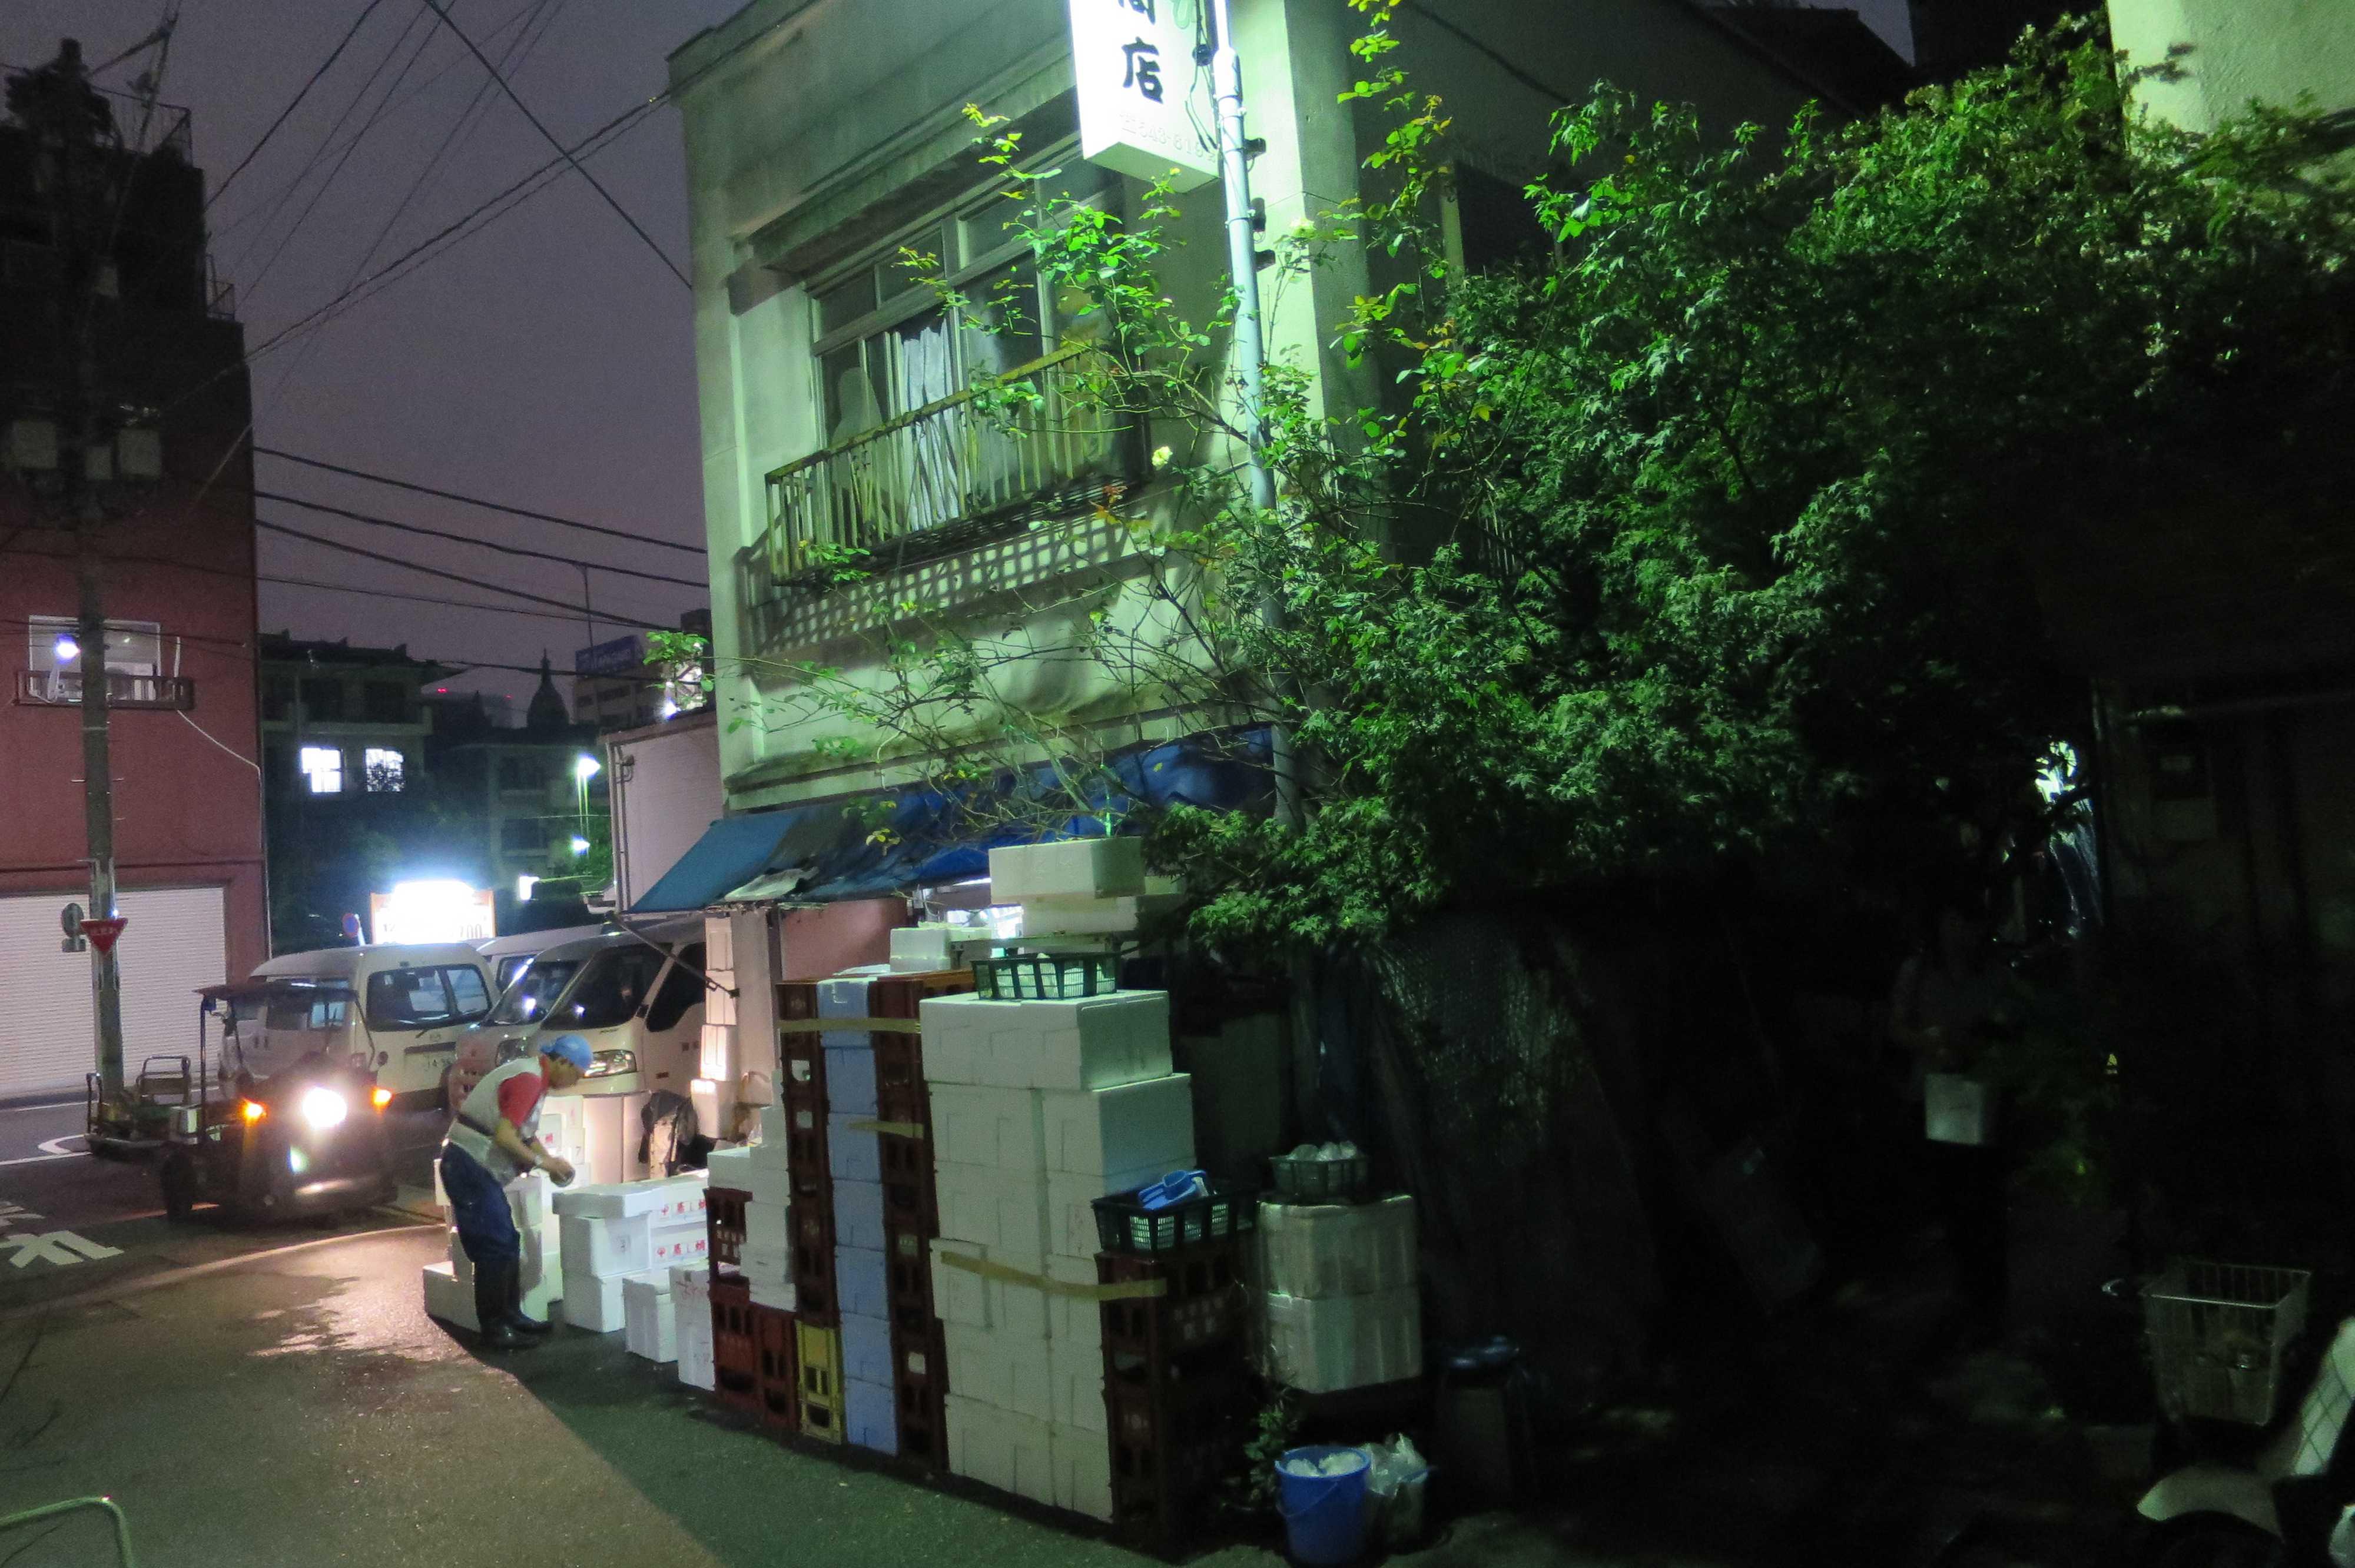 築地エリア - 人間っぽい街角、人間らしい街並み。